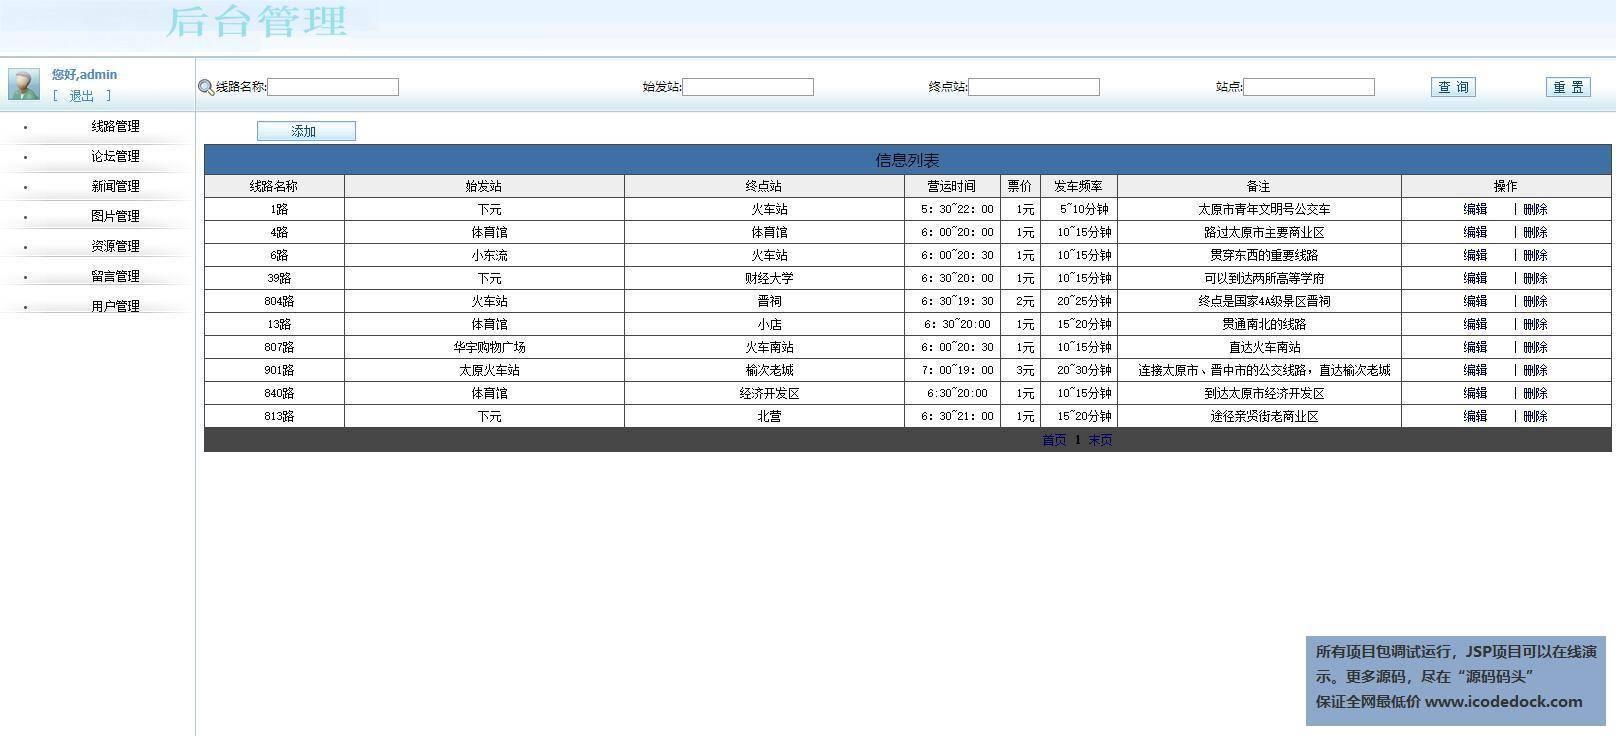 源码码头-SSH公交路线查询网站系统-管理员角色-线路管理